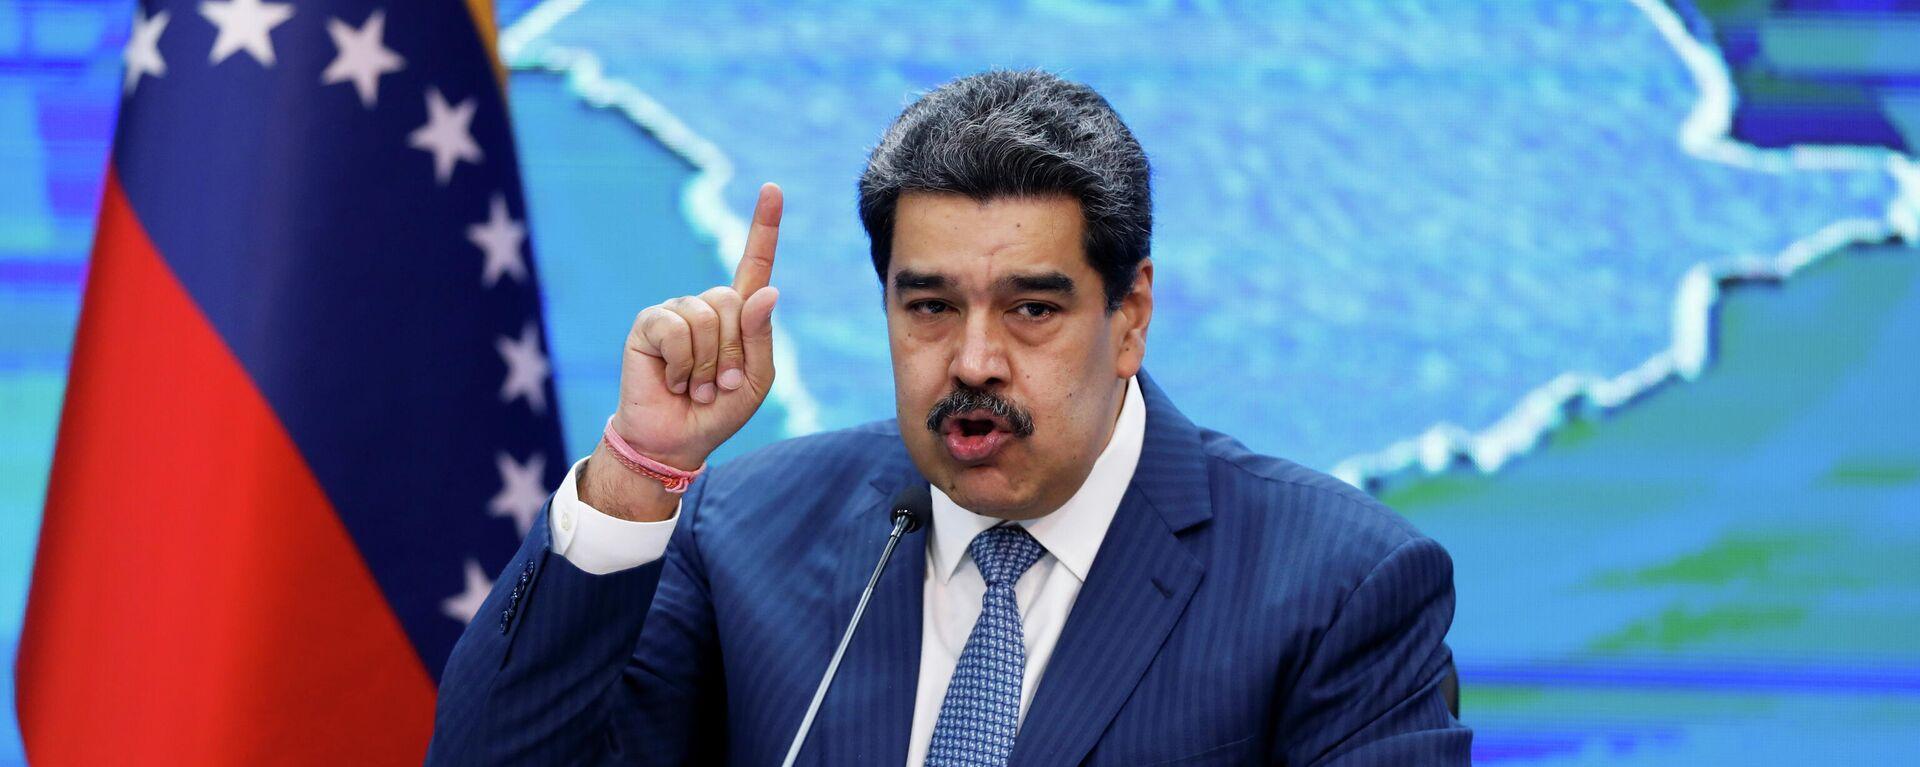 El presidente venezolano, Nicolás Maduro - Sputnik Mundo, 1920, 16.08.2021